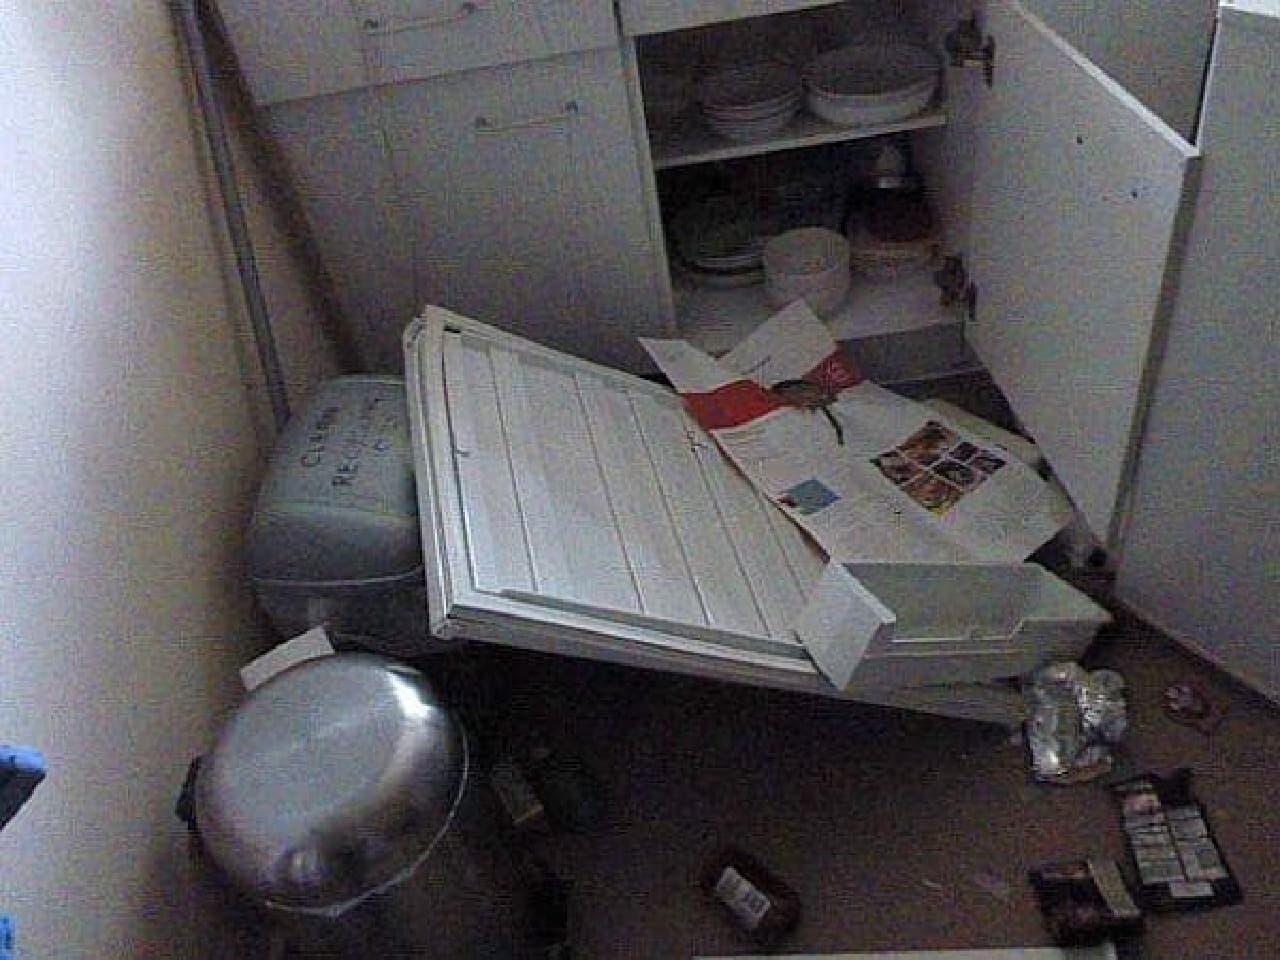 爆発で吹き飛んだ冷蔵庫のドア(出典:The Sun)